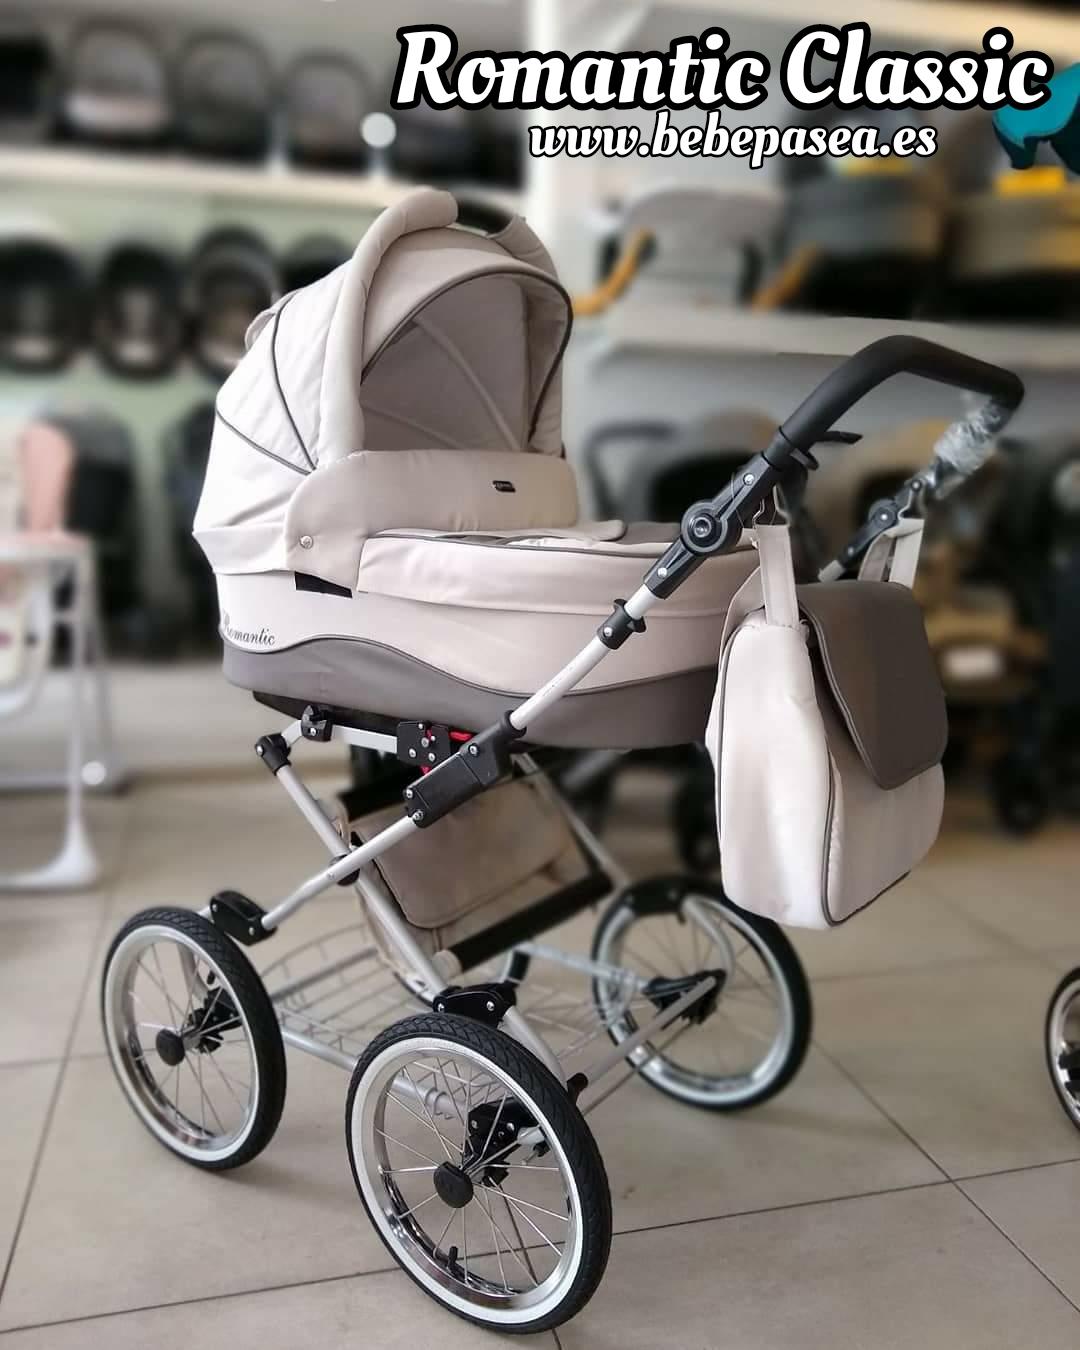 comprar carro de bebe romantic classic